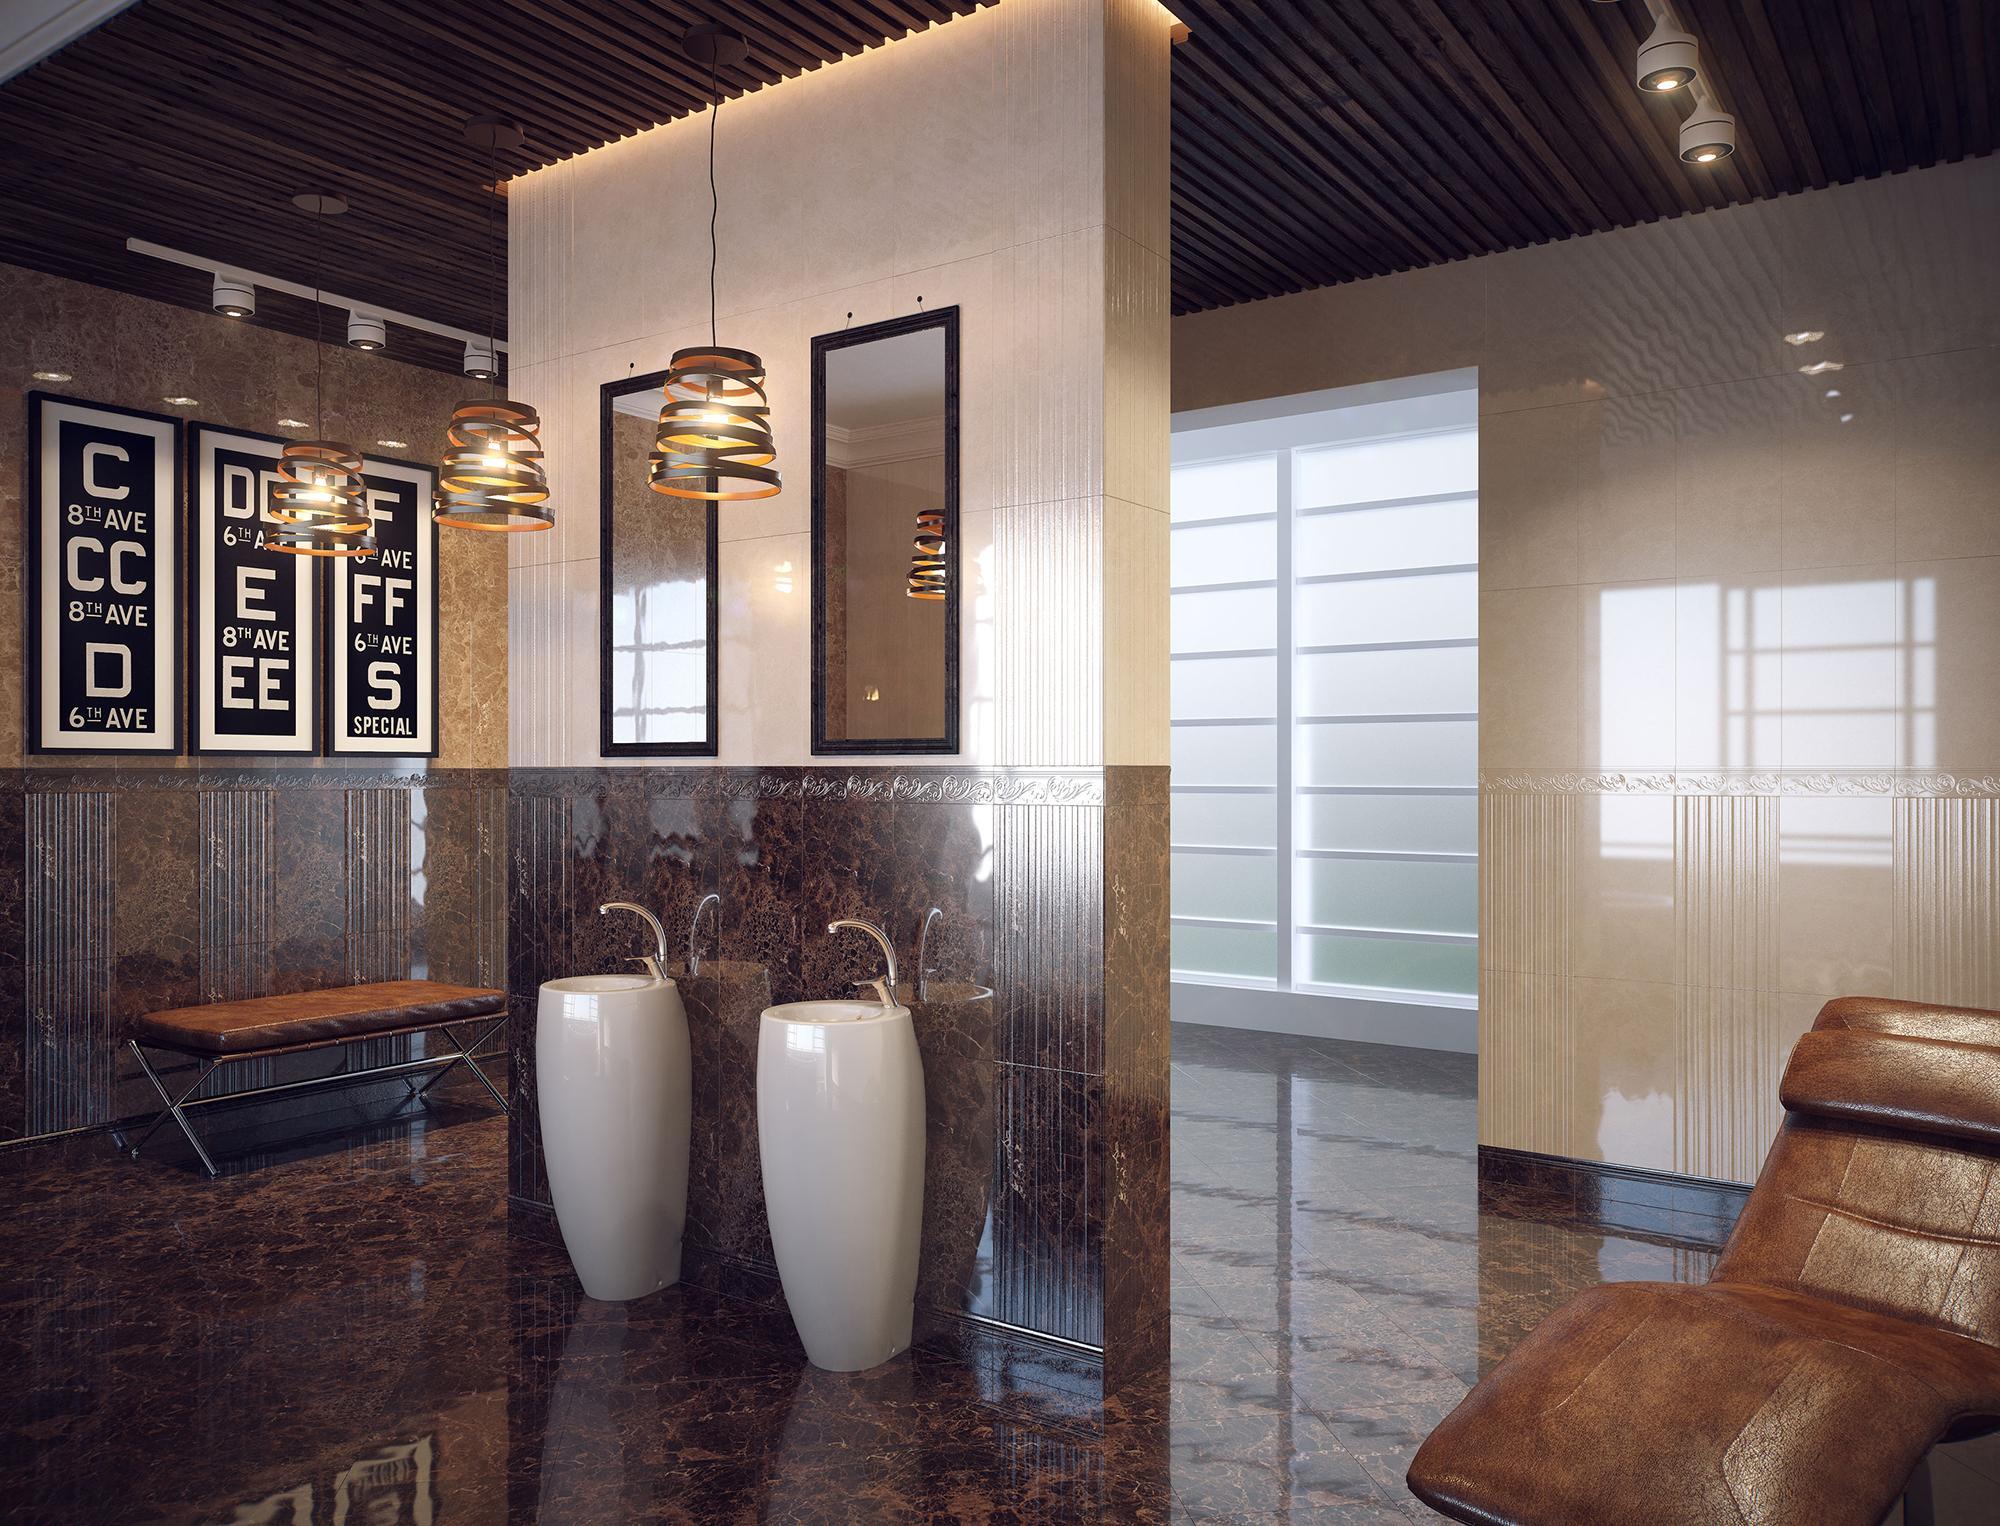 Необычный интерьер в бежево-коричневых тонах в стиле модерн